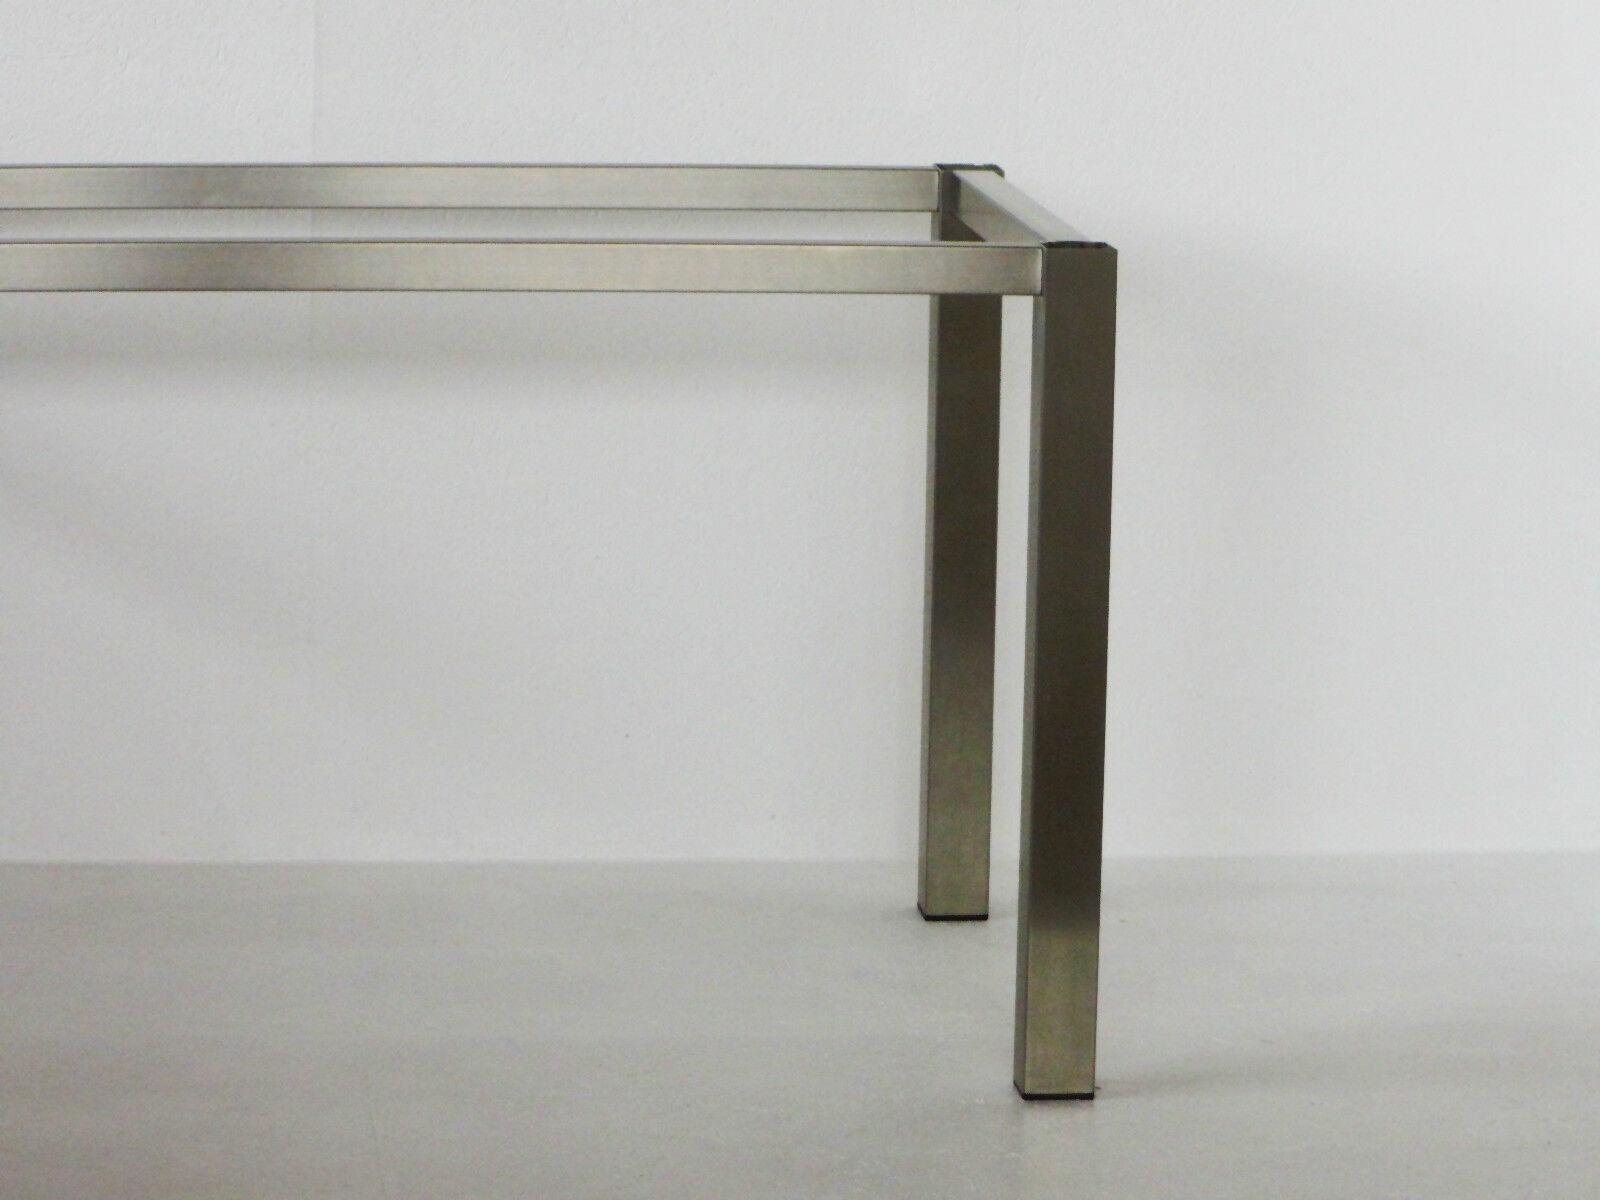 tischgestell edelstahl 1 6m breit tisch tischbeine gestell ma anfertigung beine eur 264 00. Black Bedroom Furniture Sets. Home Design Ideas